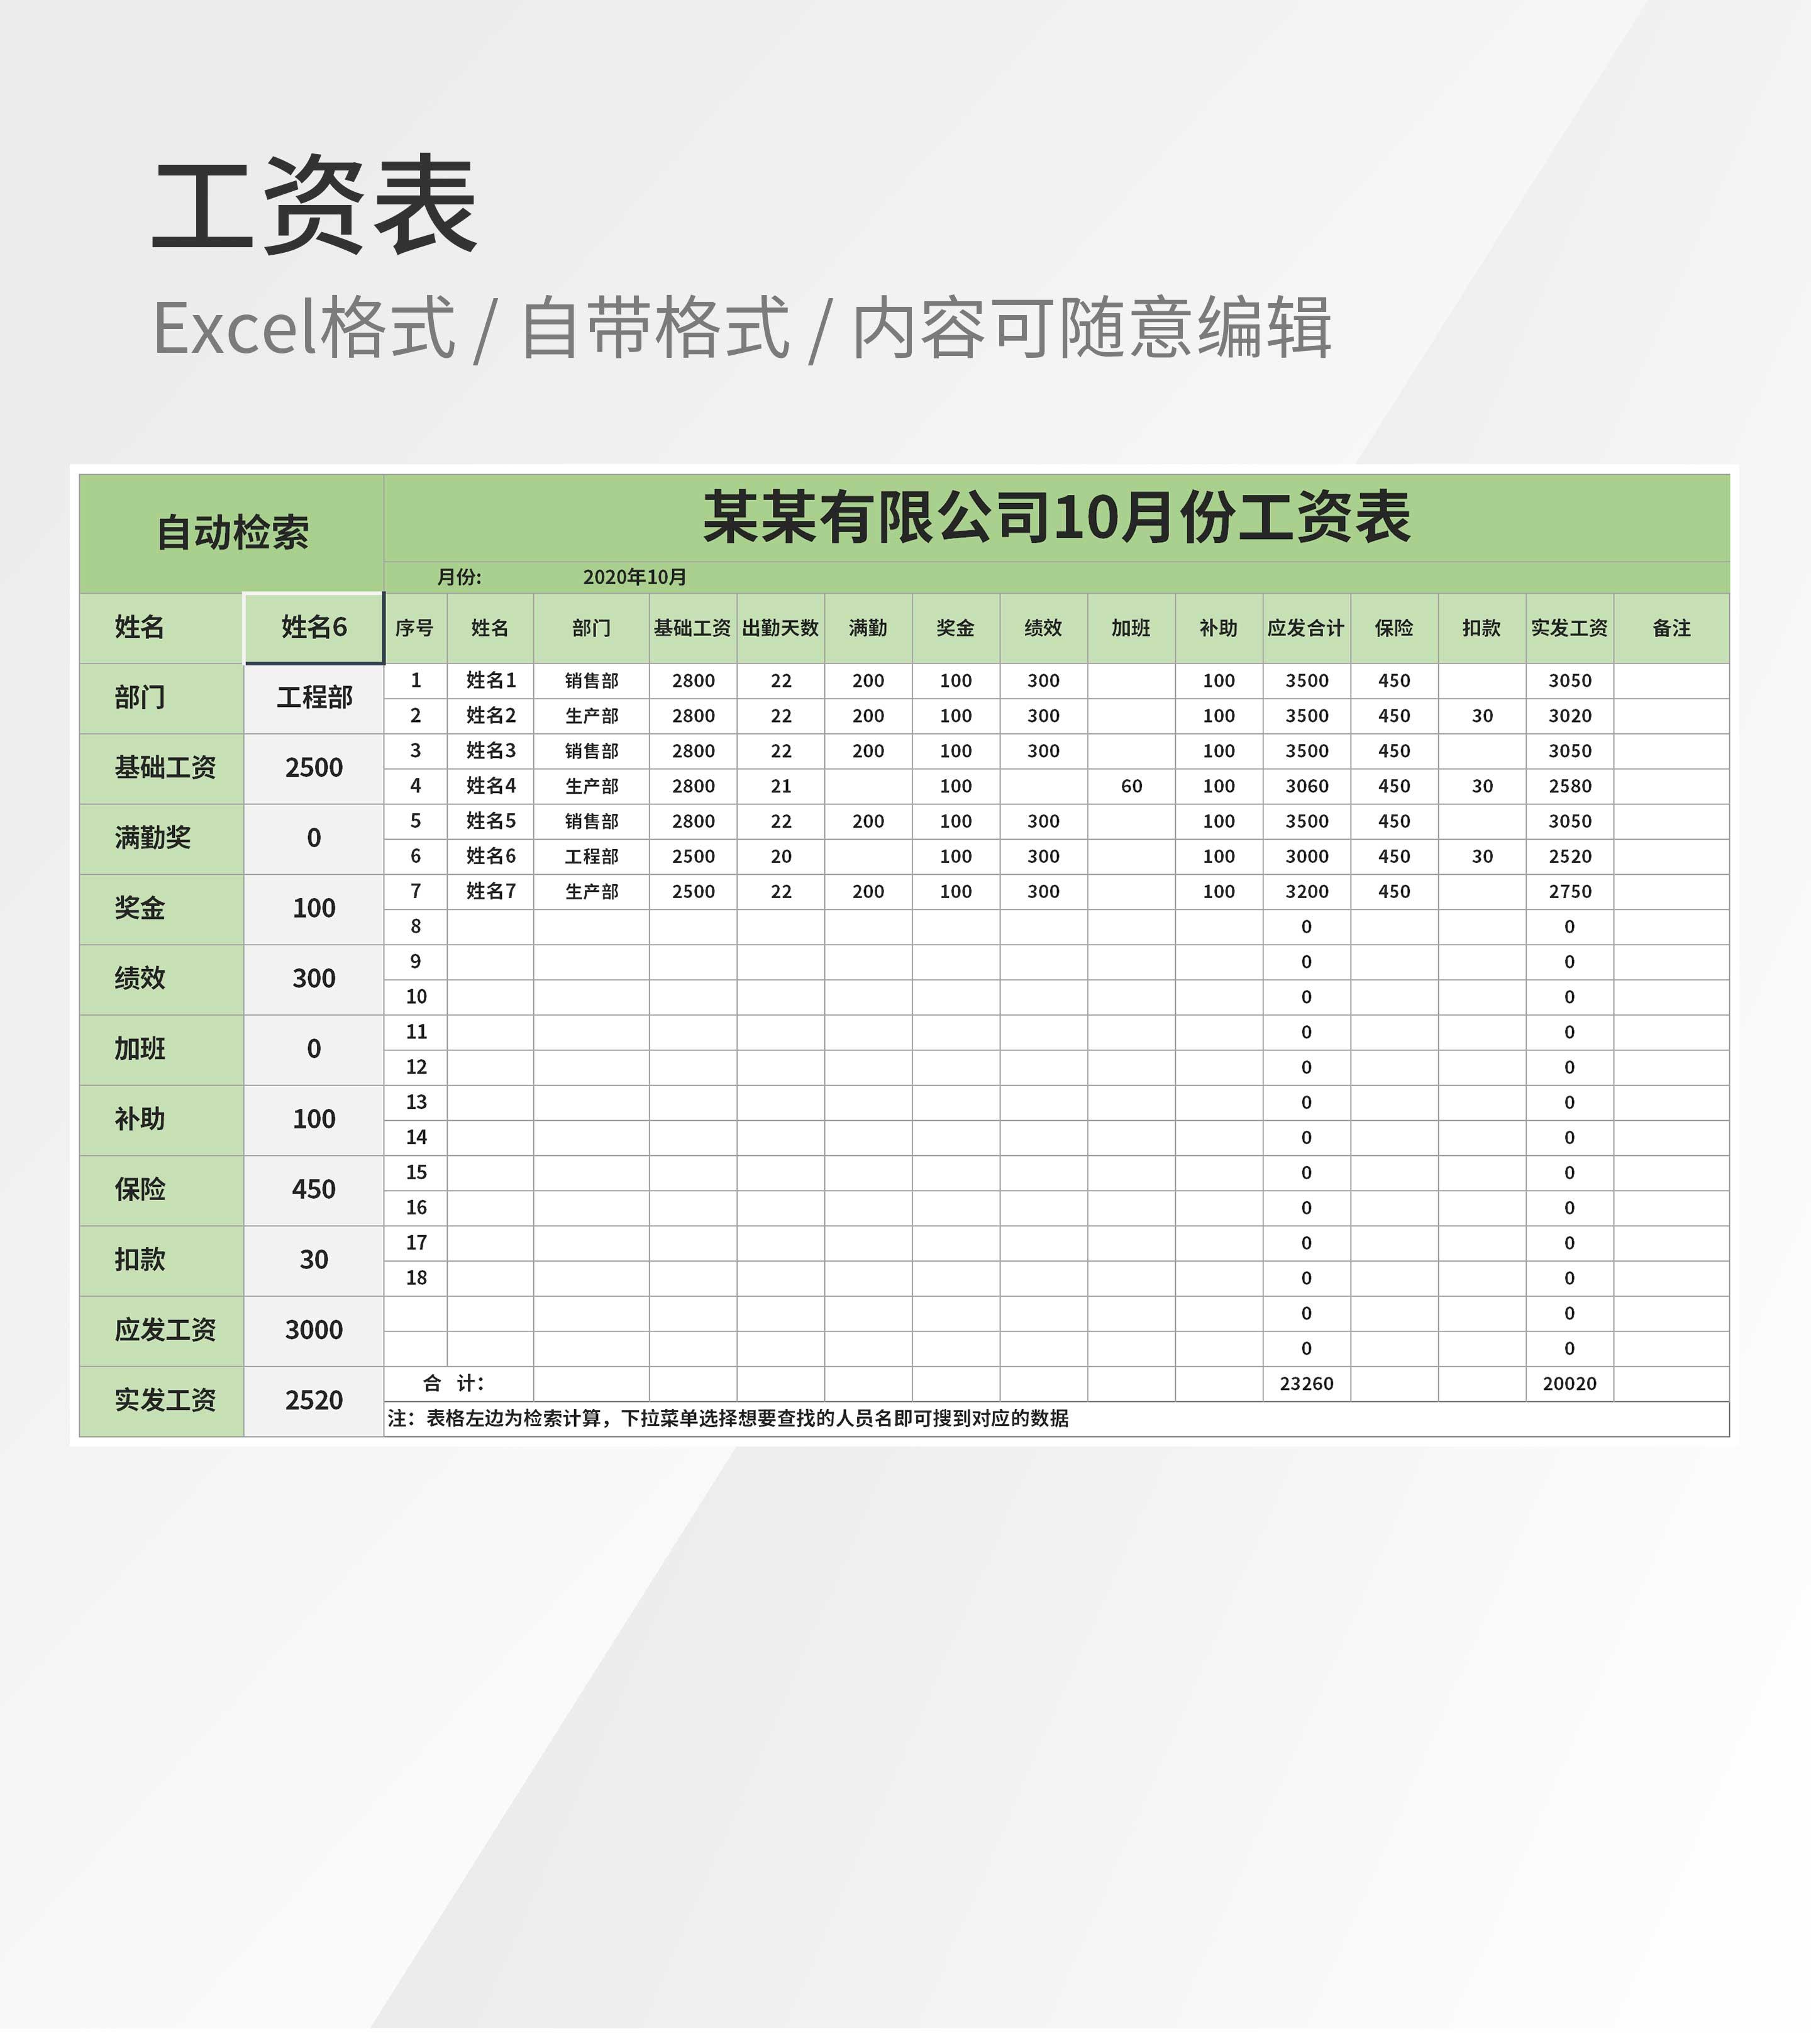 月度工资统计明细表Excel模板